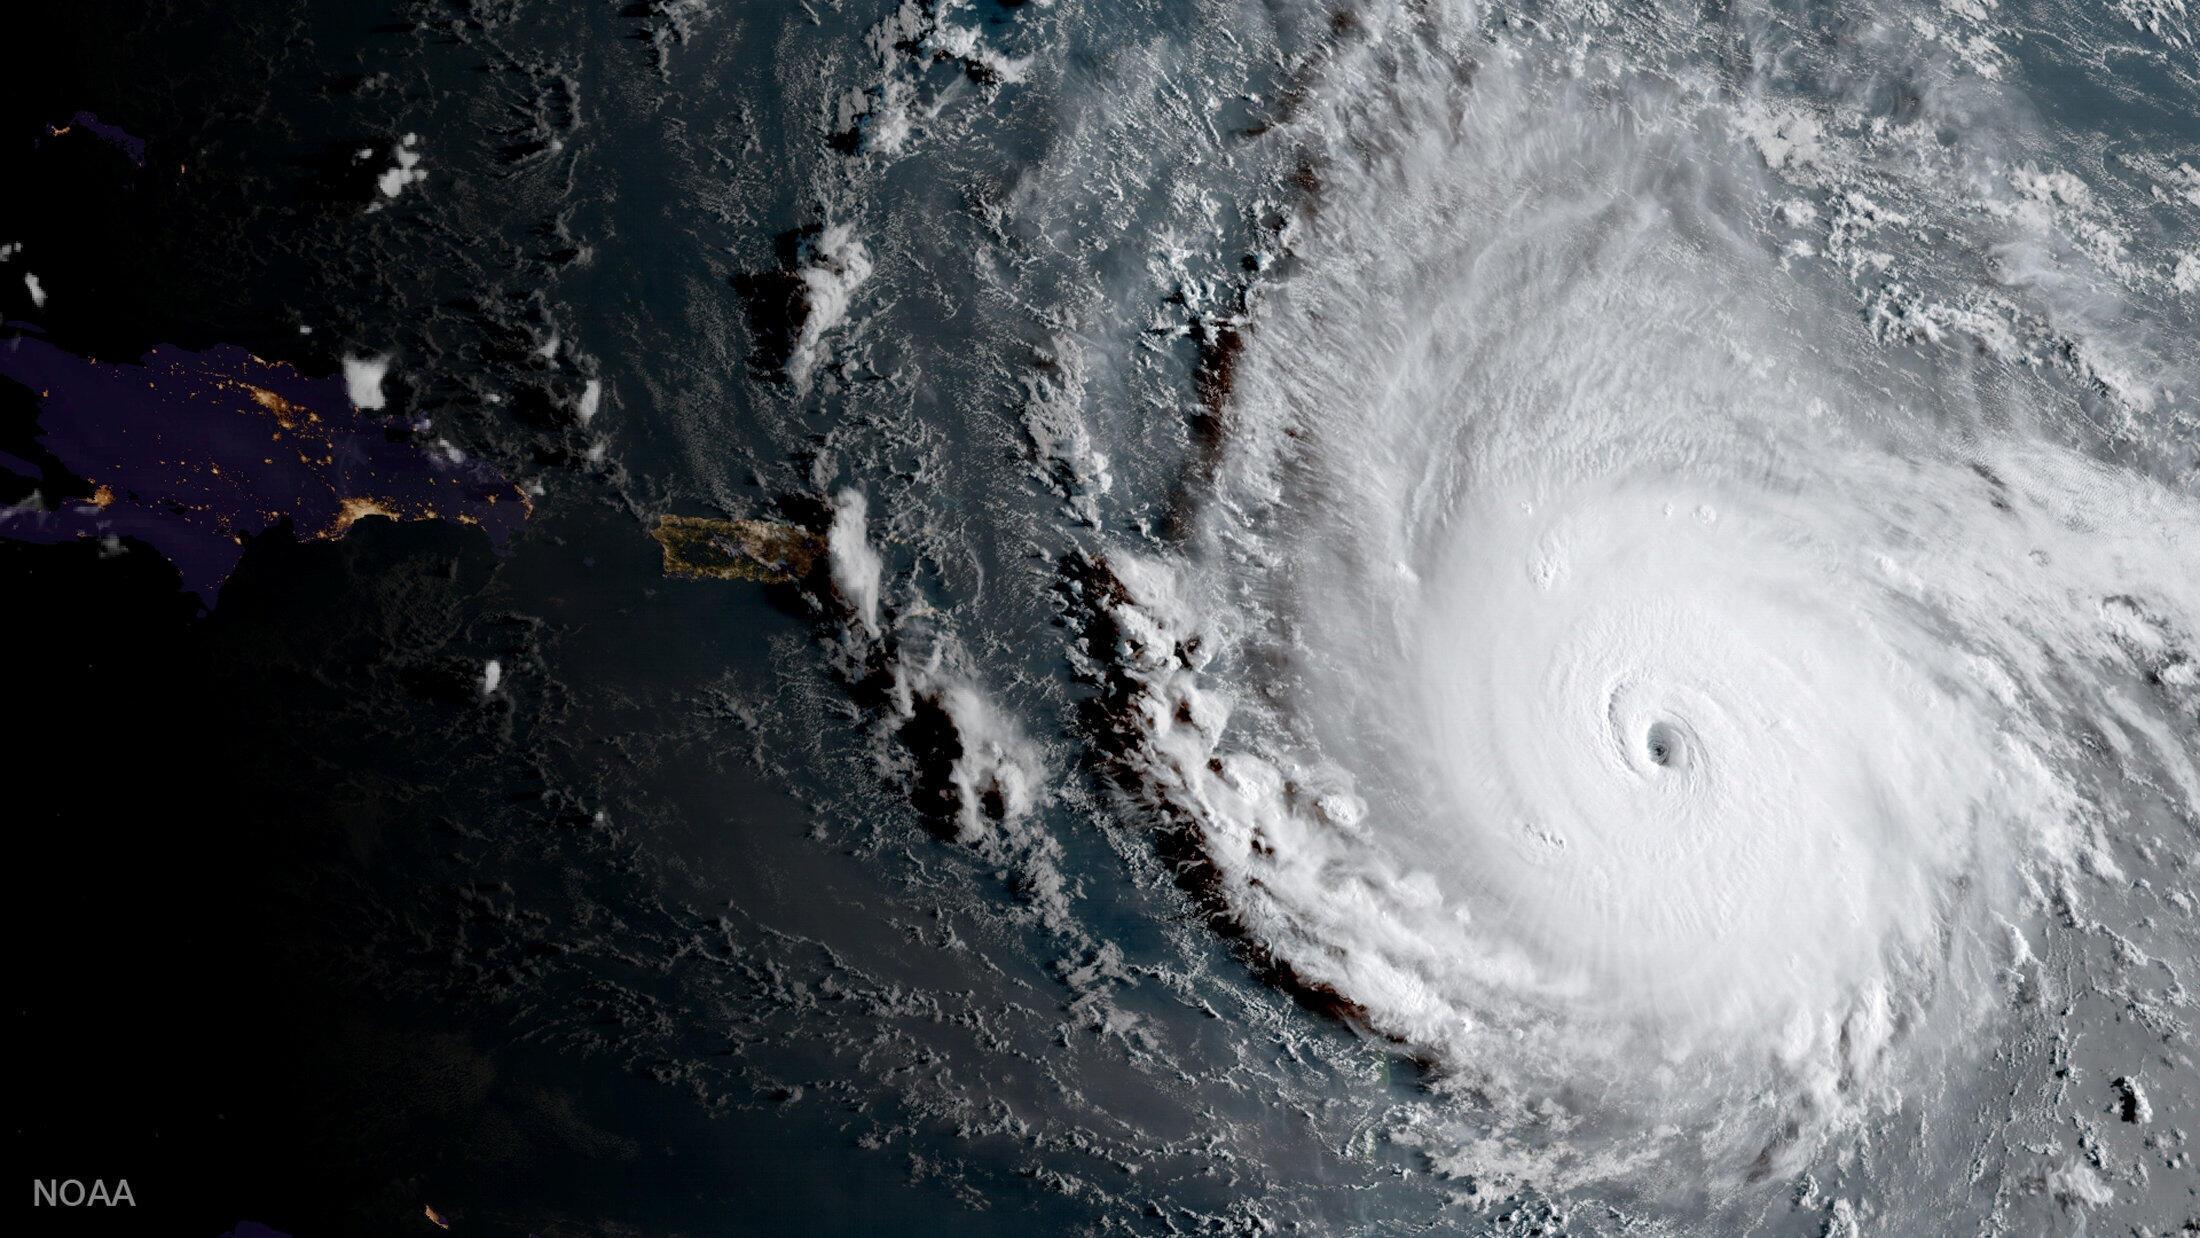 Une photo satellite de l'ouragan Irma datée du 5 septembre 2017 et d'intensité maximale (catégorie 5 selon la météo américaine). Une photo prise par  l'Agence américaine d'observation océanique et atmosphérique.